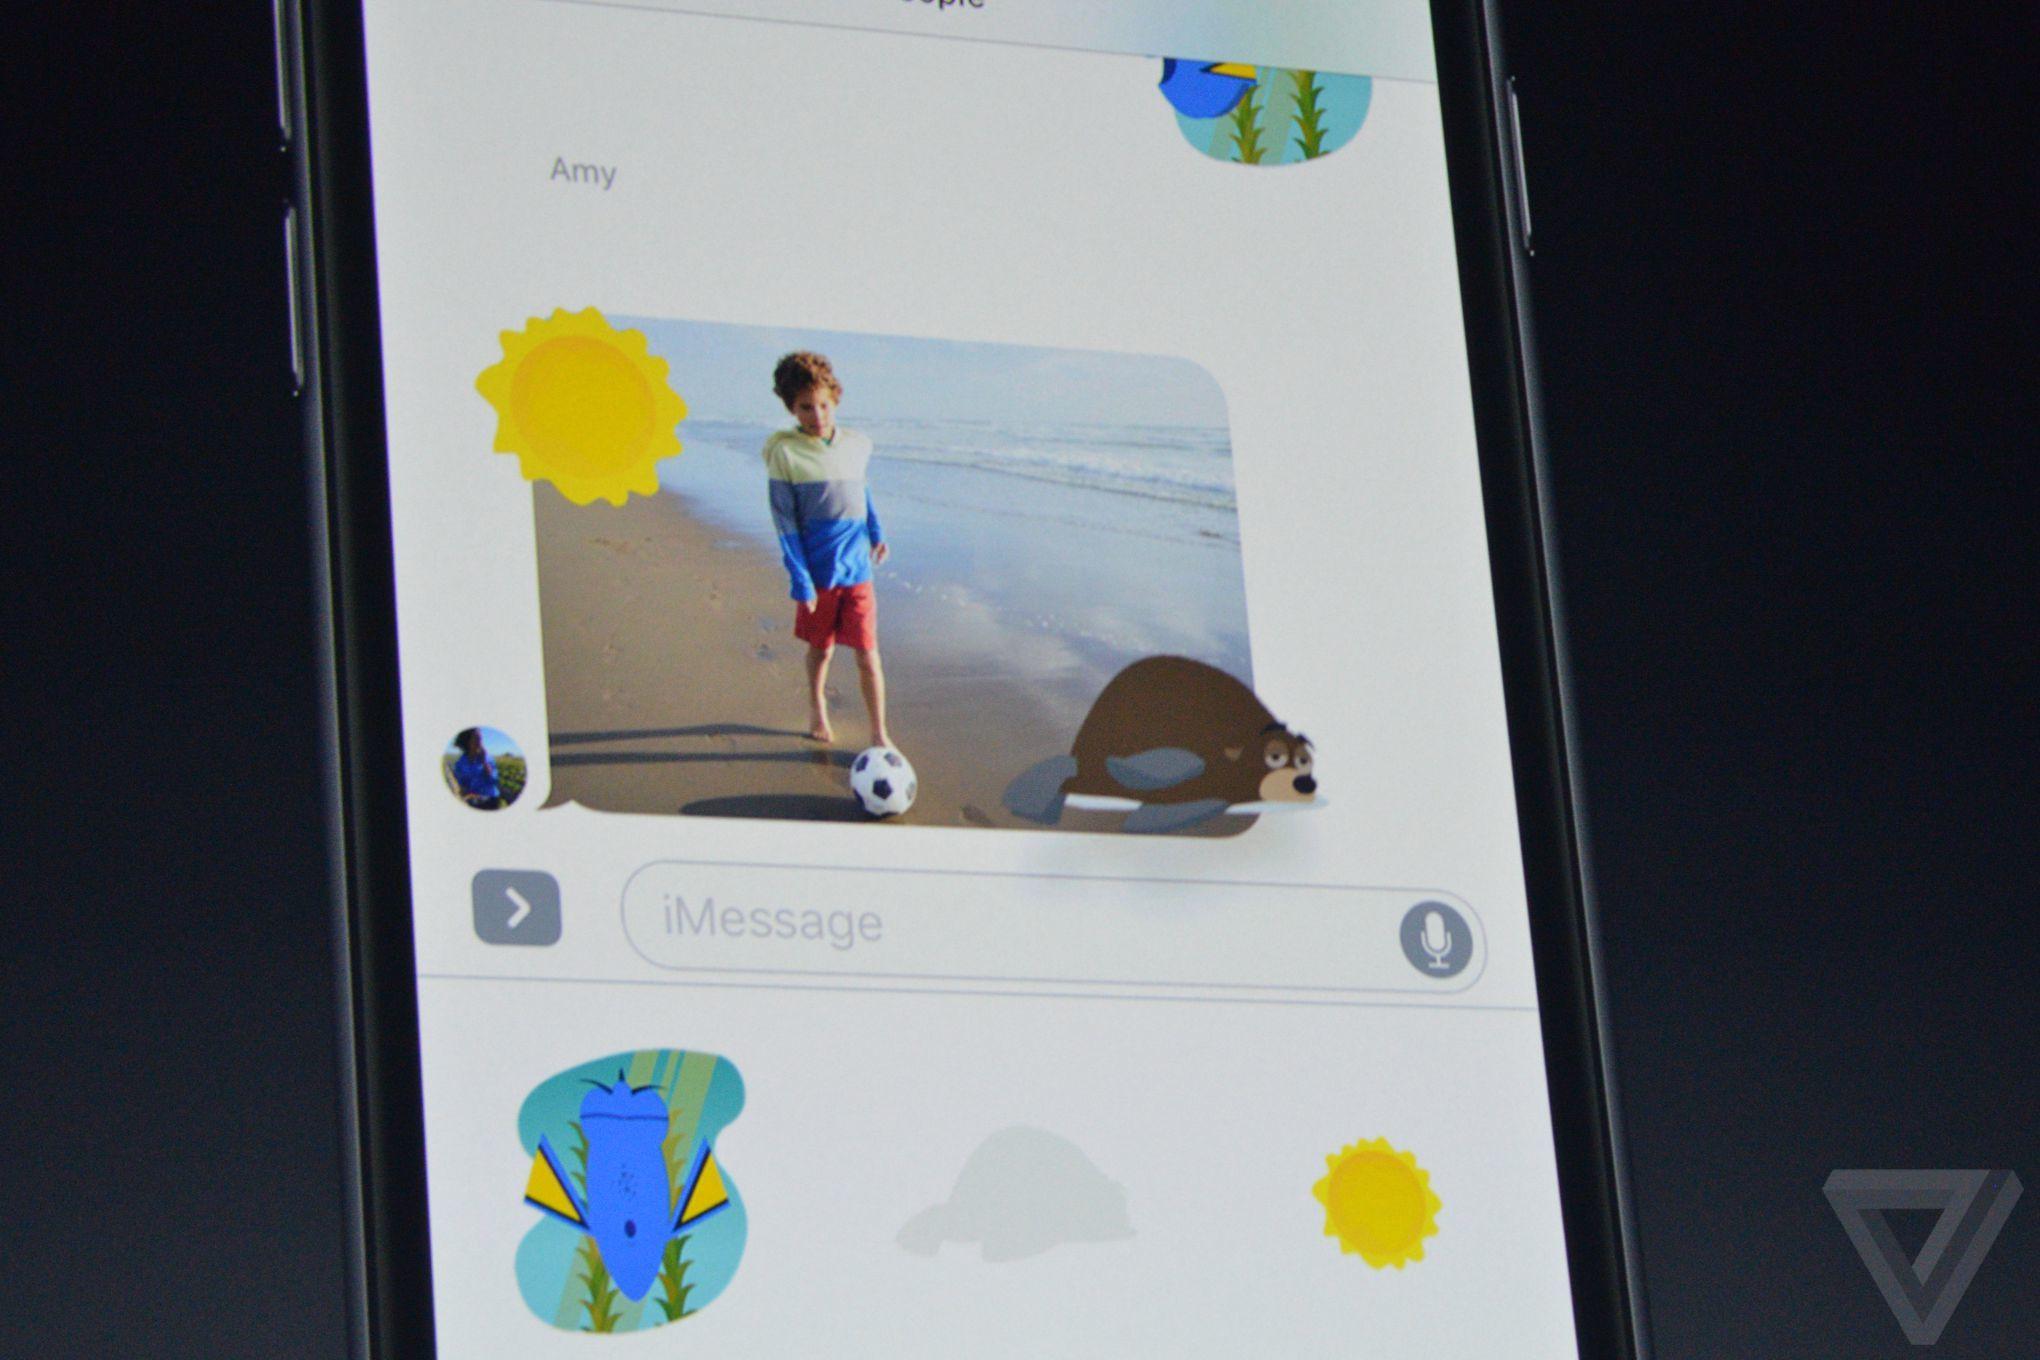 10 thay đổi lớn và hấp dẫn Apple vừa công bố đêm qua - Ảnh 8.